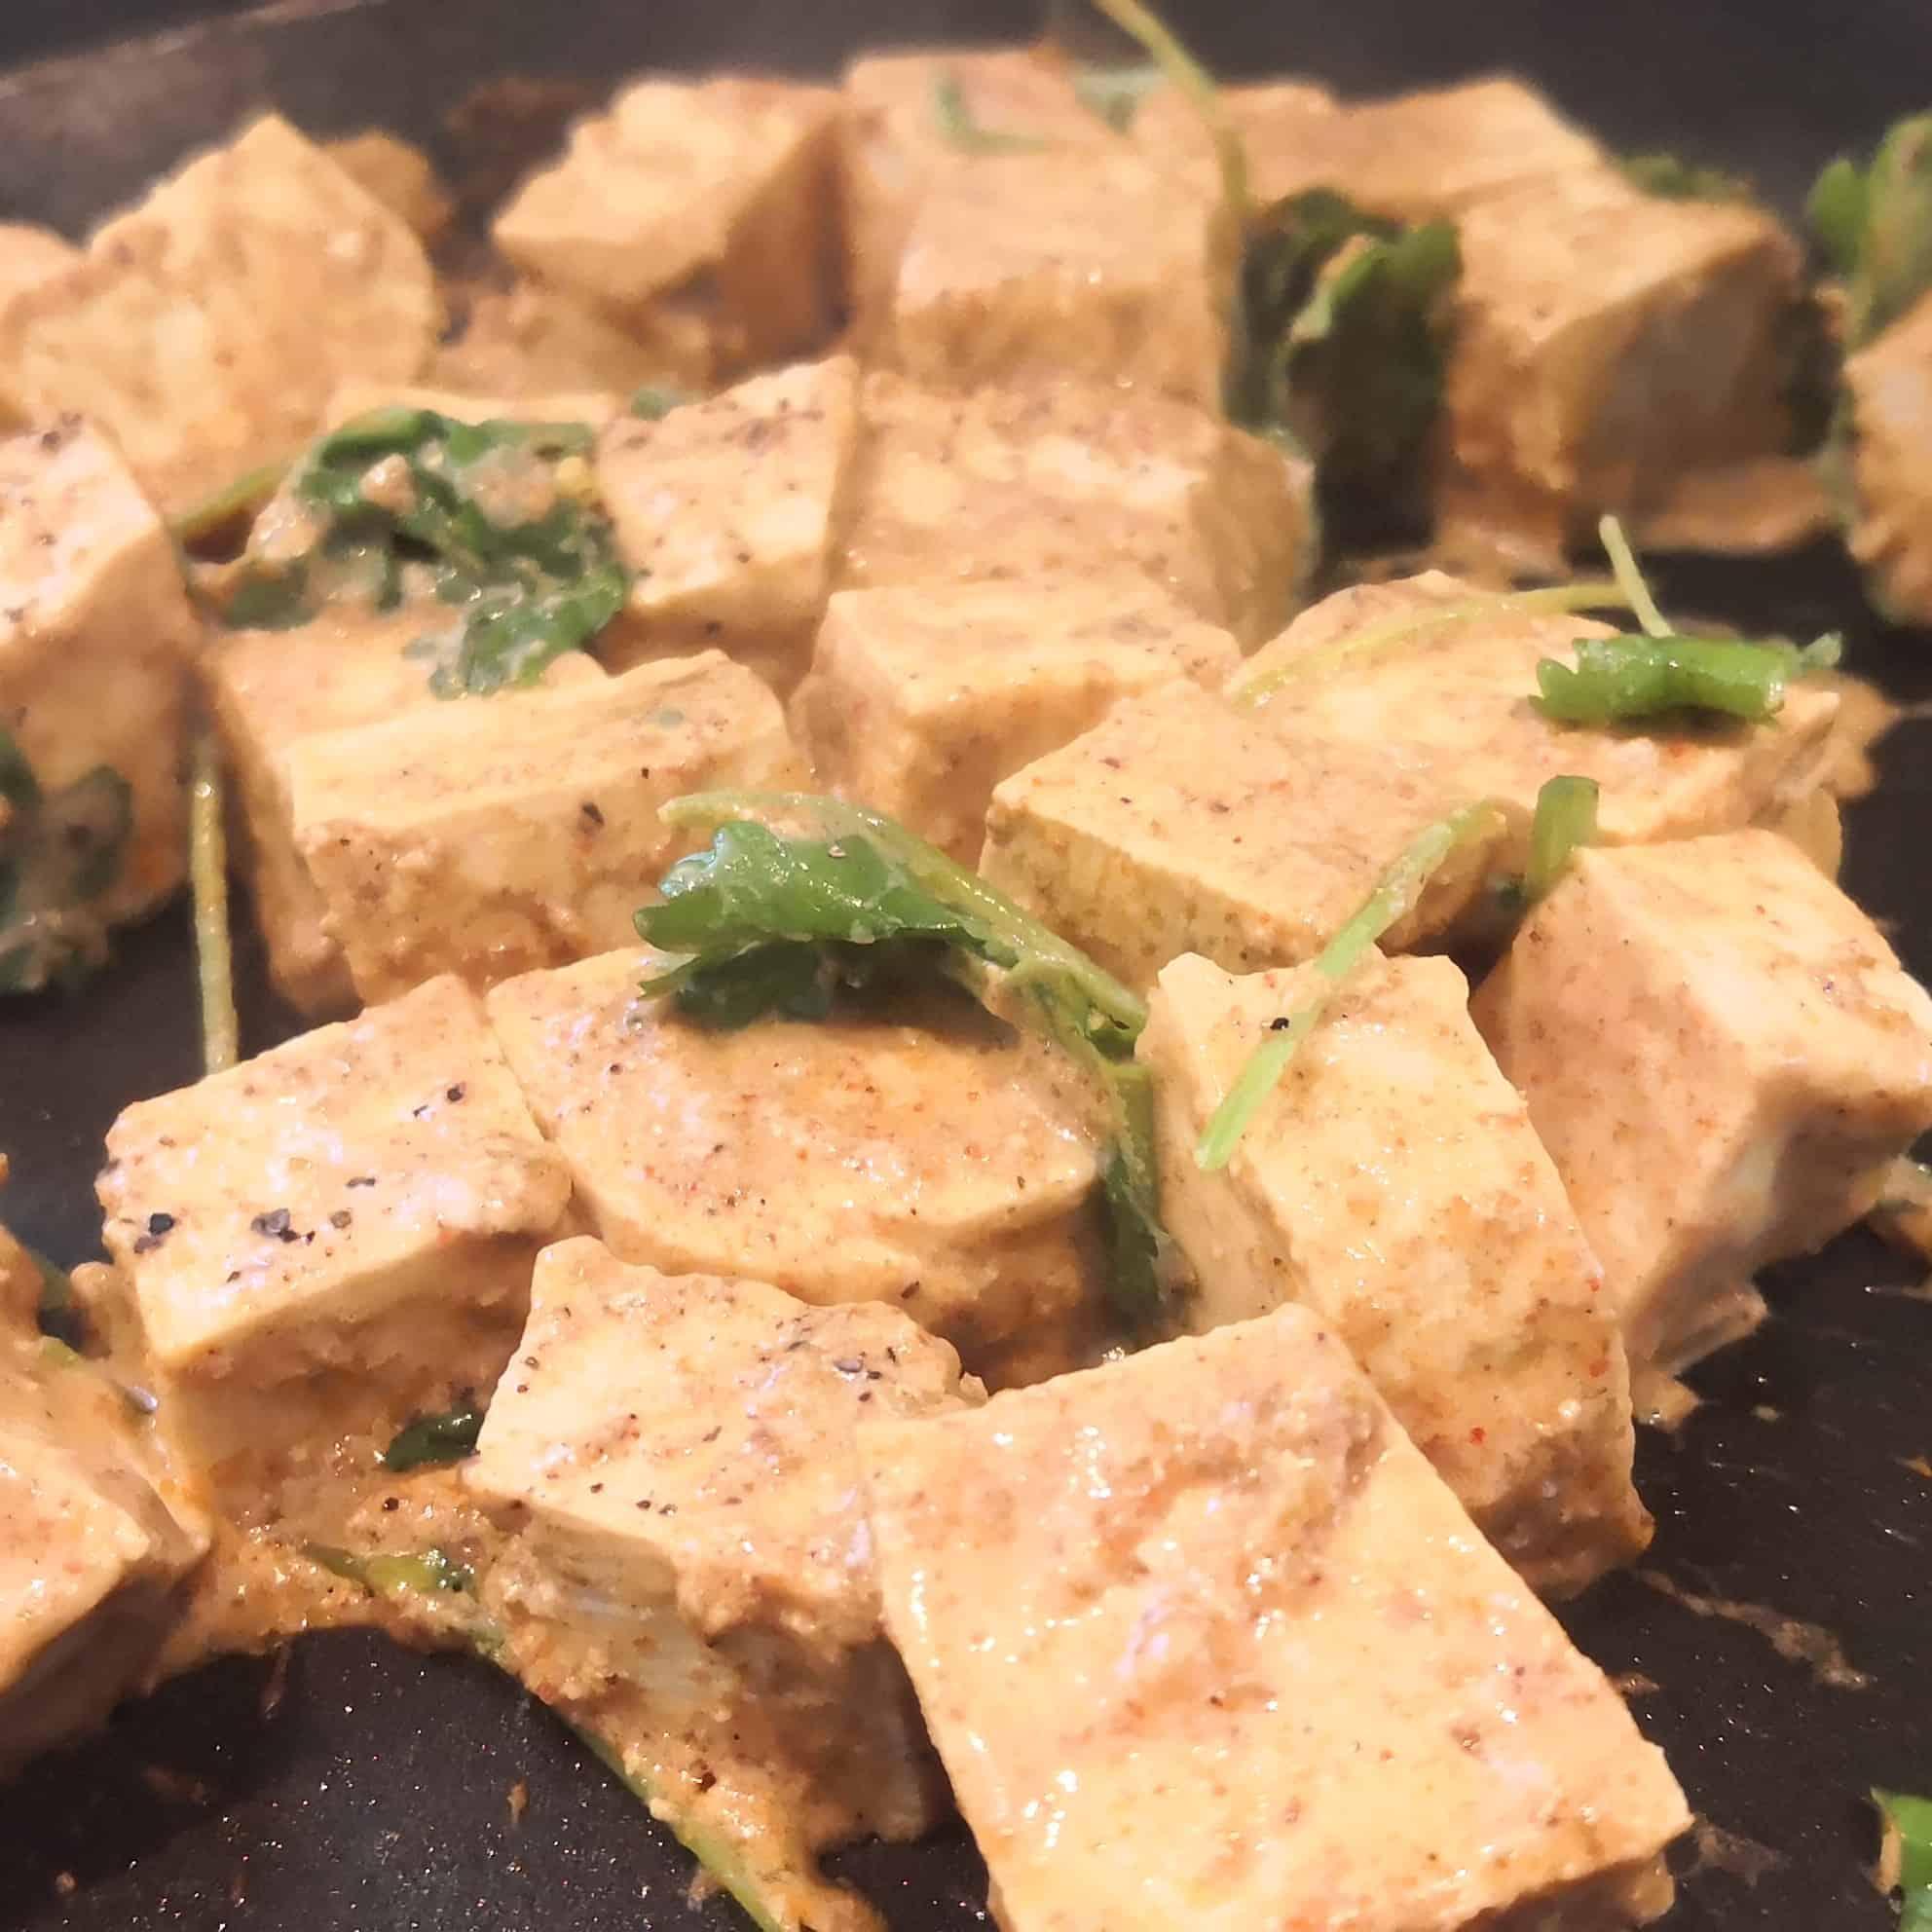 A photo of tofu tikka